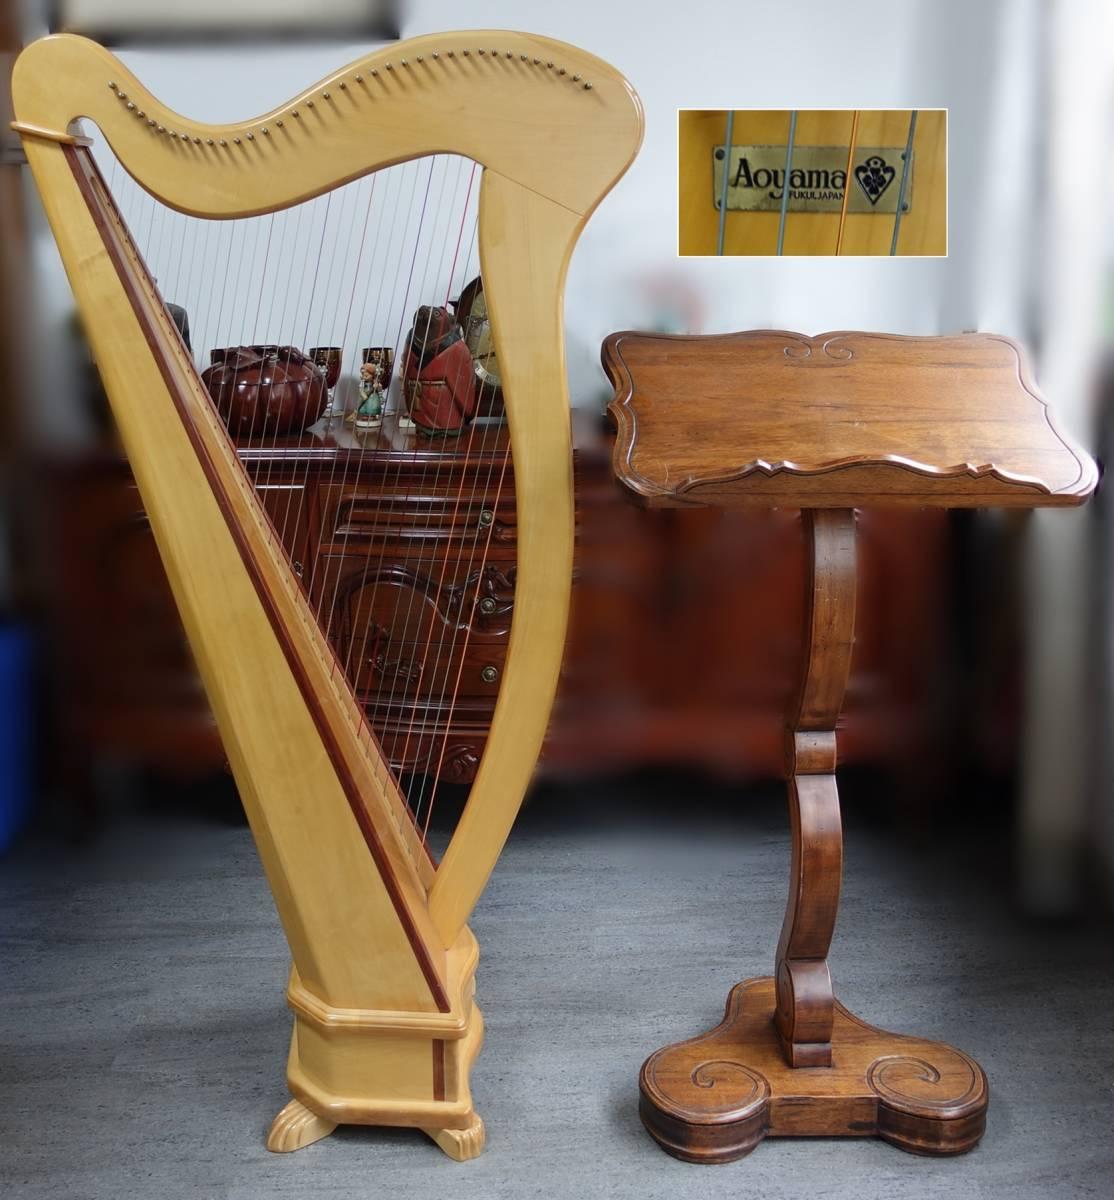 アイリッシュハープ 140D 36弦 Aoyama 譜面臺付き 中古品?現狀渡し ● 楽器 弦楽器 ヴァイオリン屬 1911077